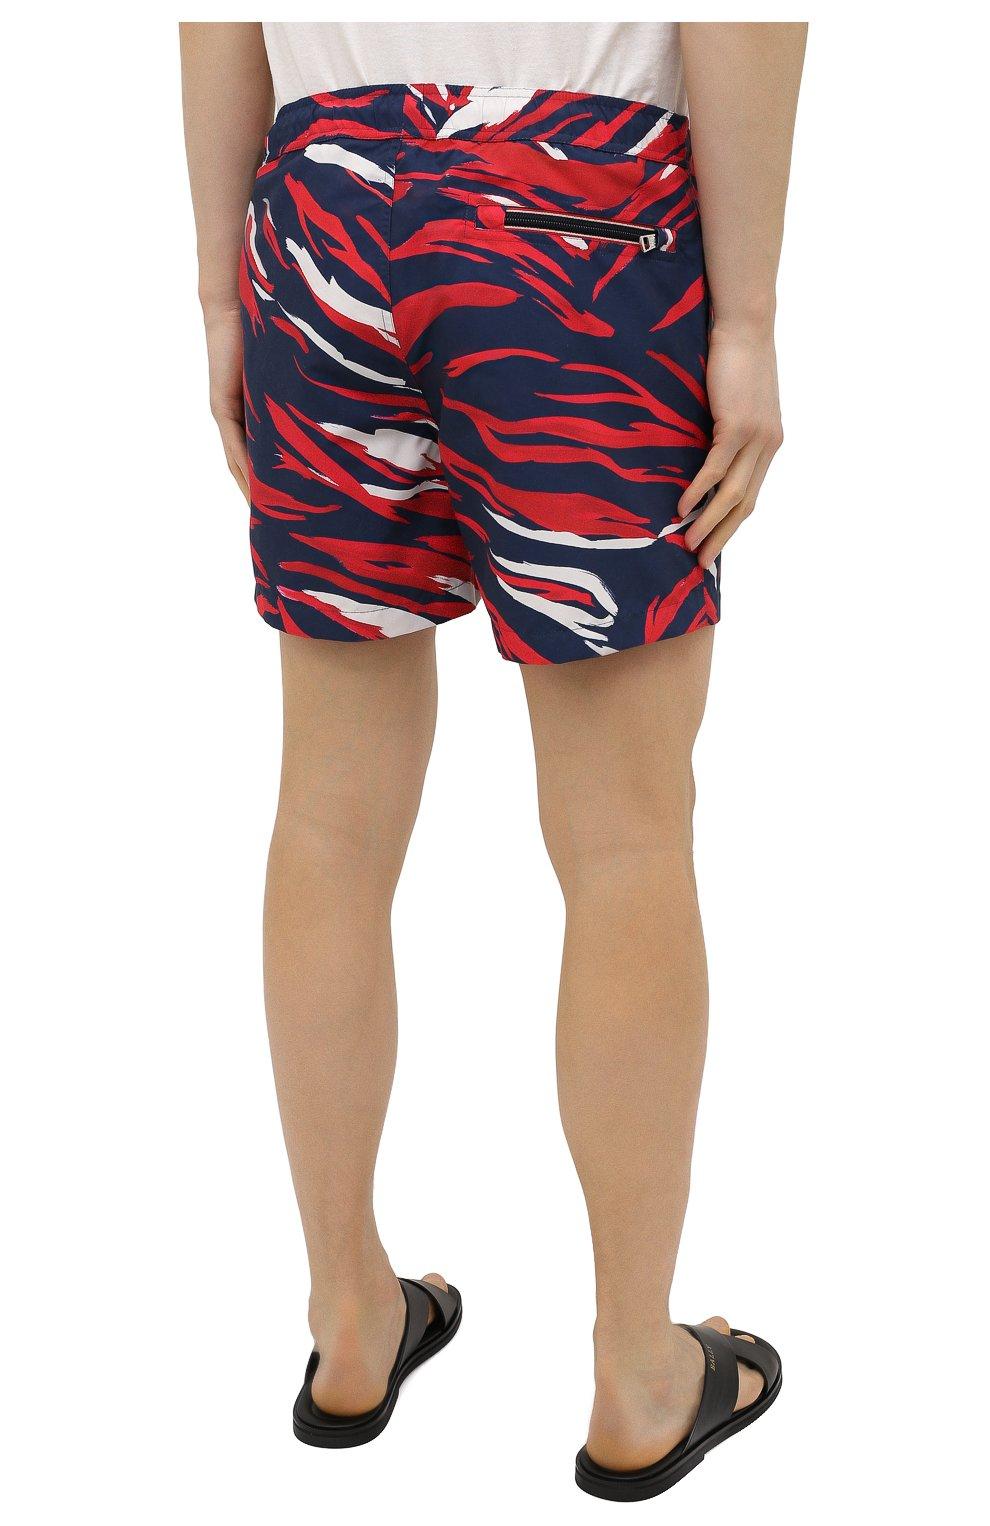 Мужские плавки-шорты MONCLER разноцветного цвета, арт. G1-091-2C708-00-5956L | Фото 4 (Материал внешний: Синтетический материал; Принт: С принтом; Мужское Кросс-КТ: плавки-шорты)